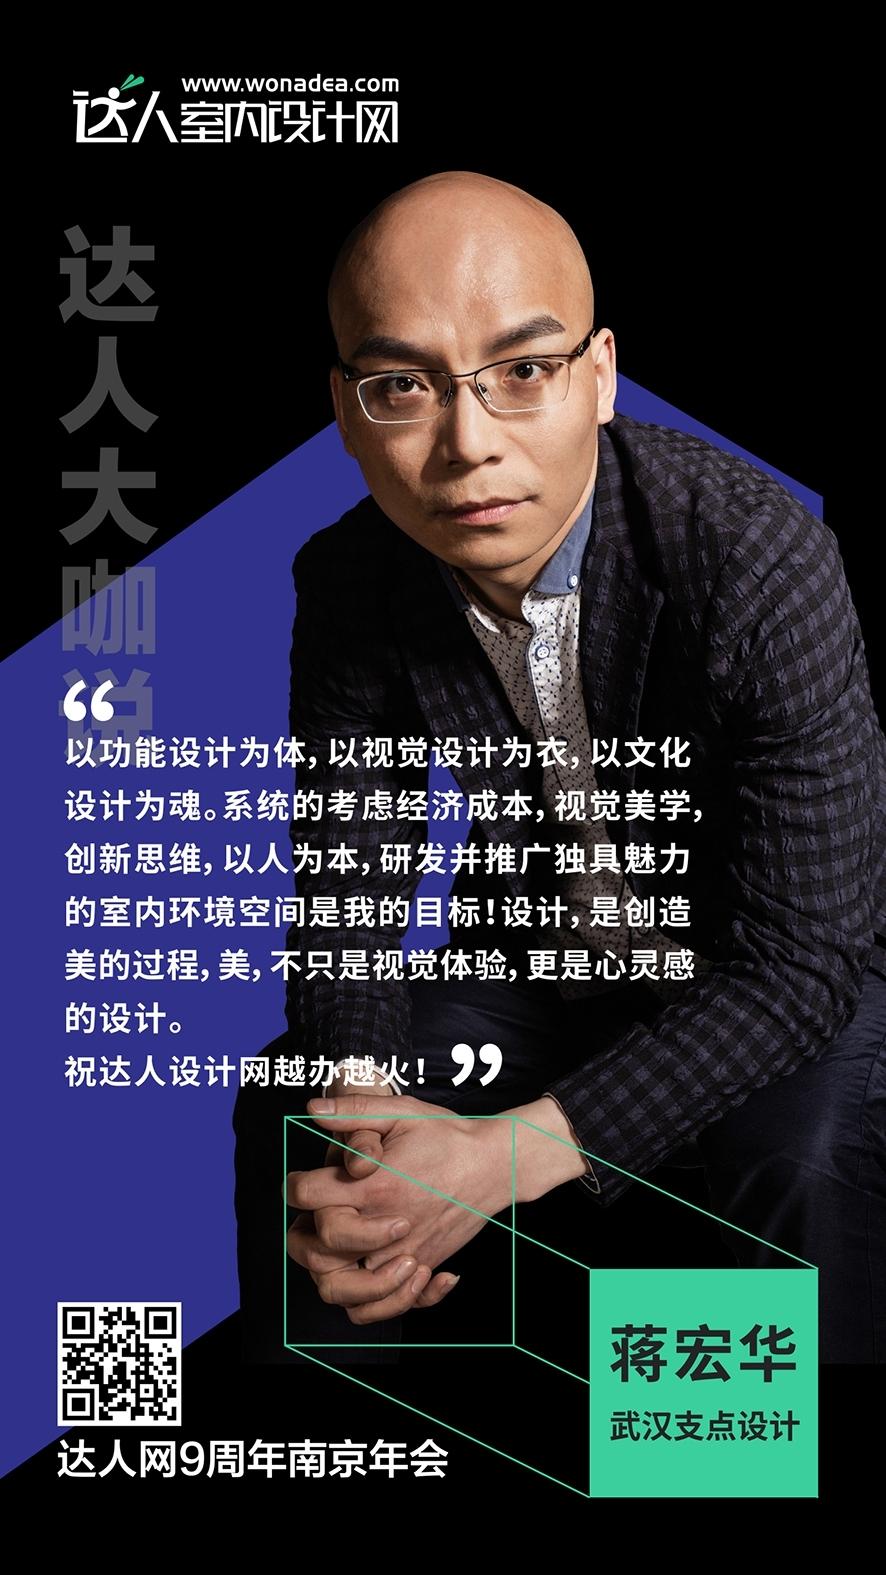 69蒋宏华.jpg